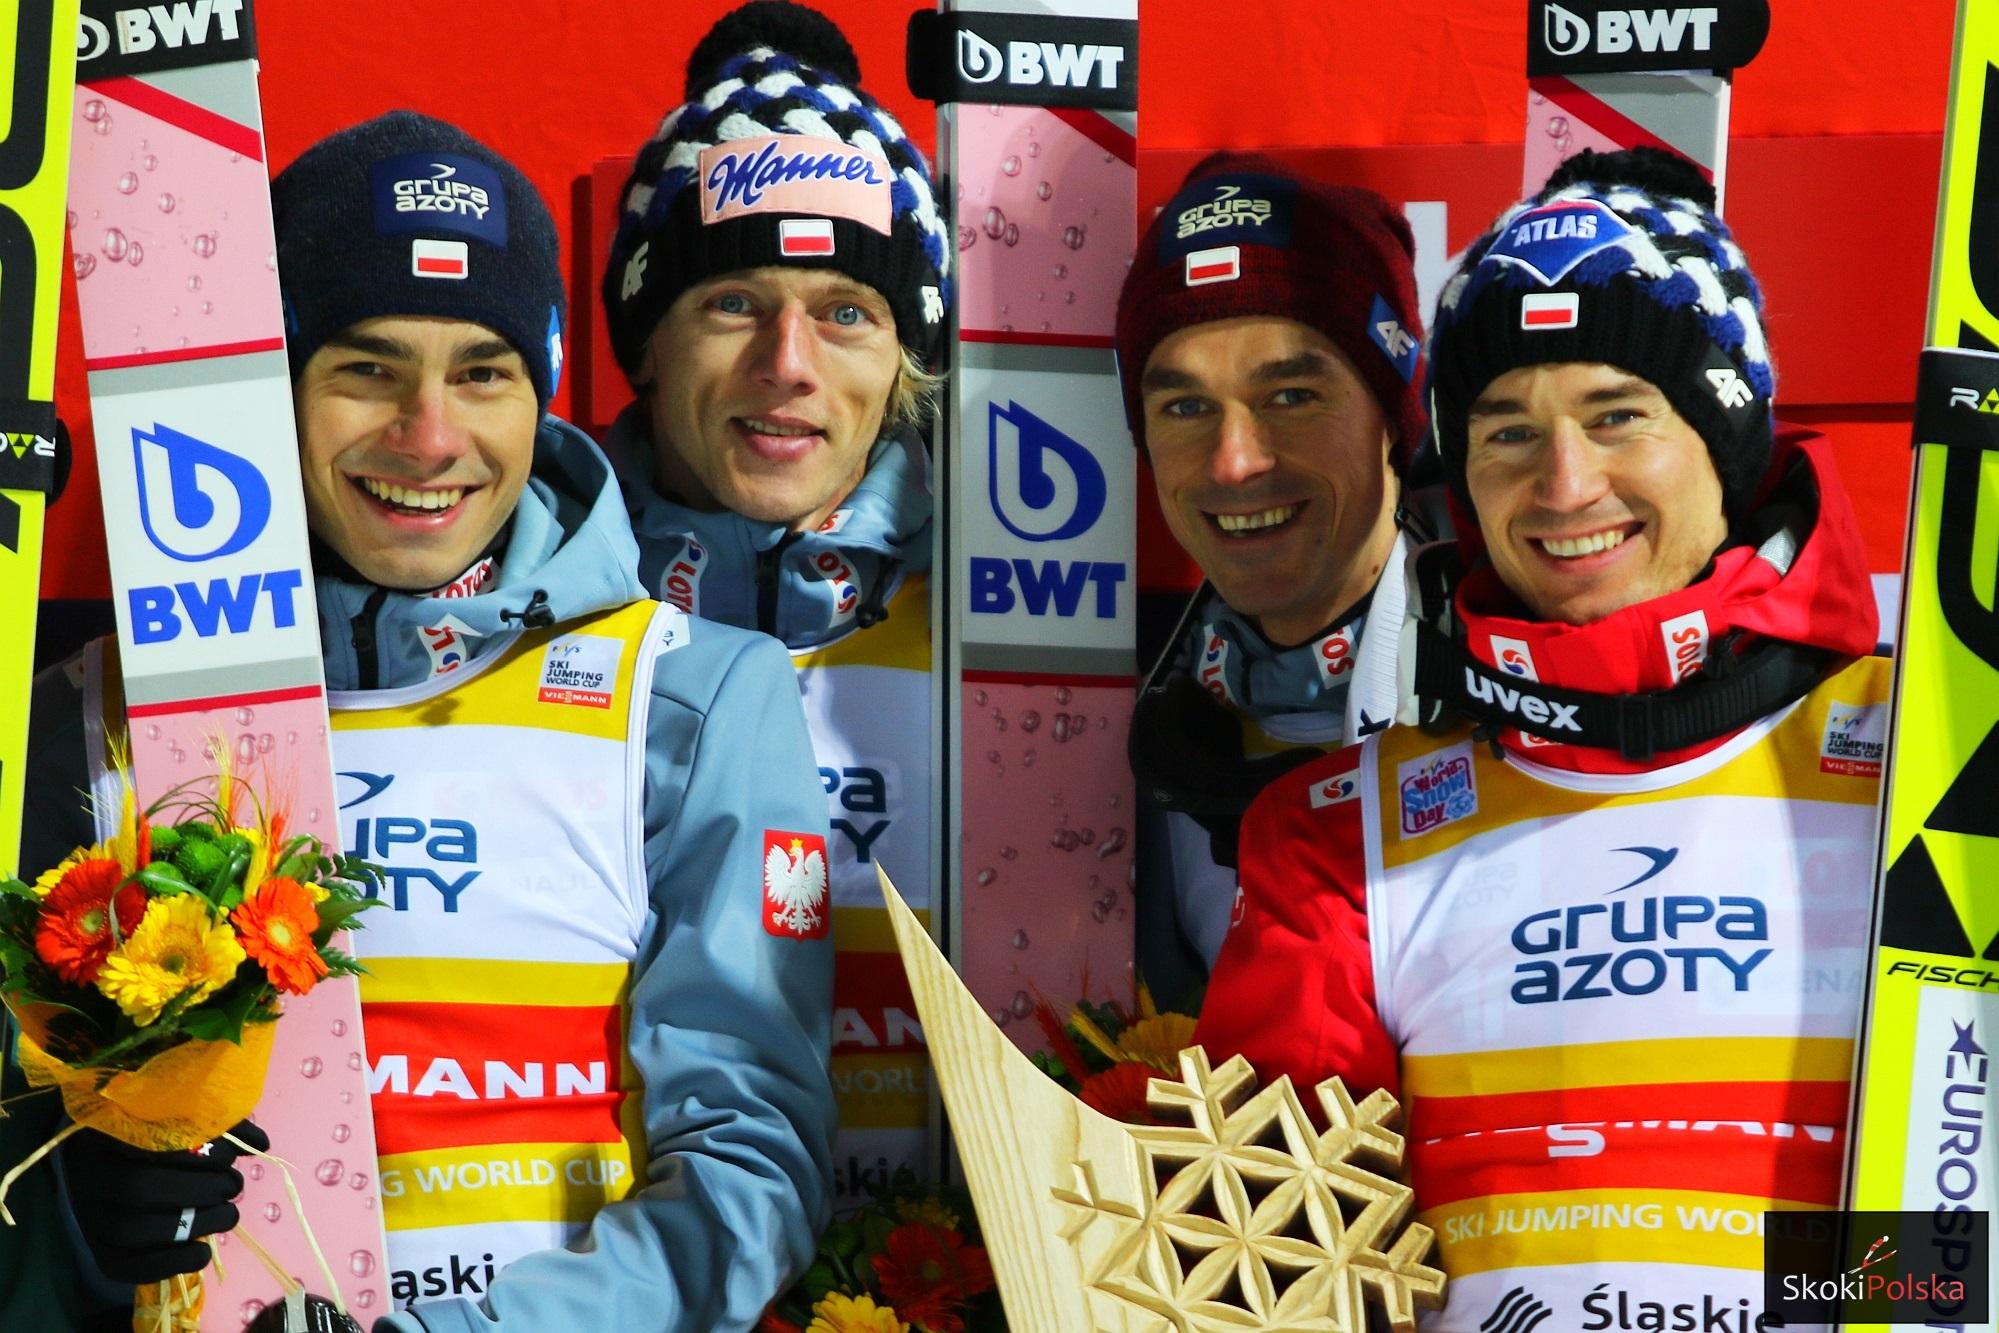 Polscy skoczkowie (od lewej: J.Wolny, D.Kubacki, P.Żyła, K.Stoch), fot. Julia Piątkowska